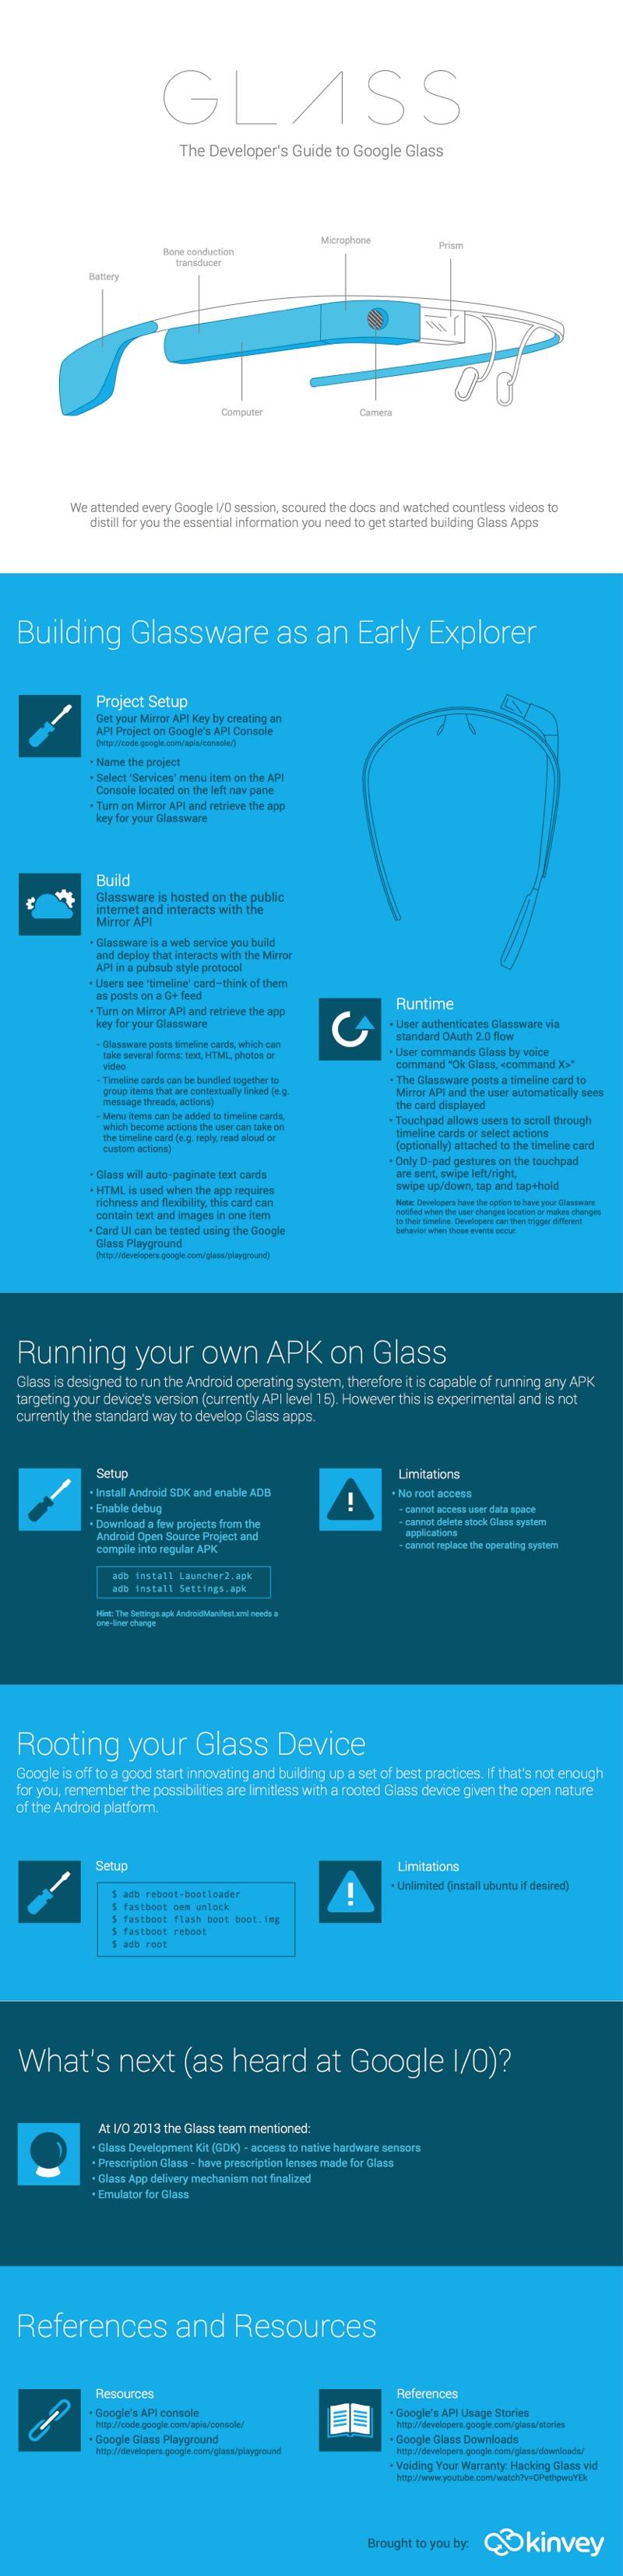 alkalmazas-fejlesztese-google-glassra